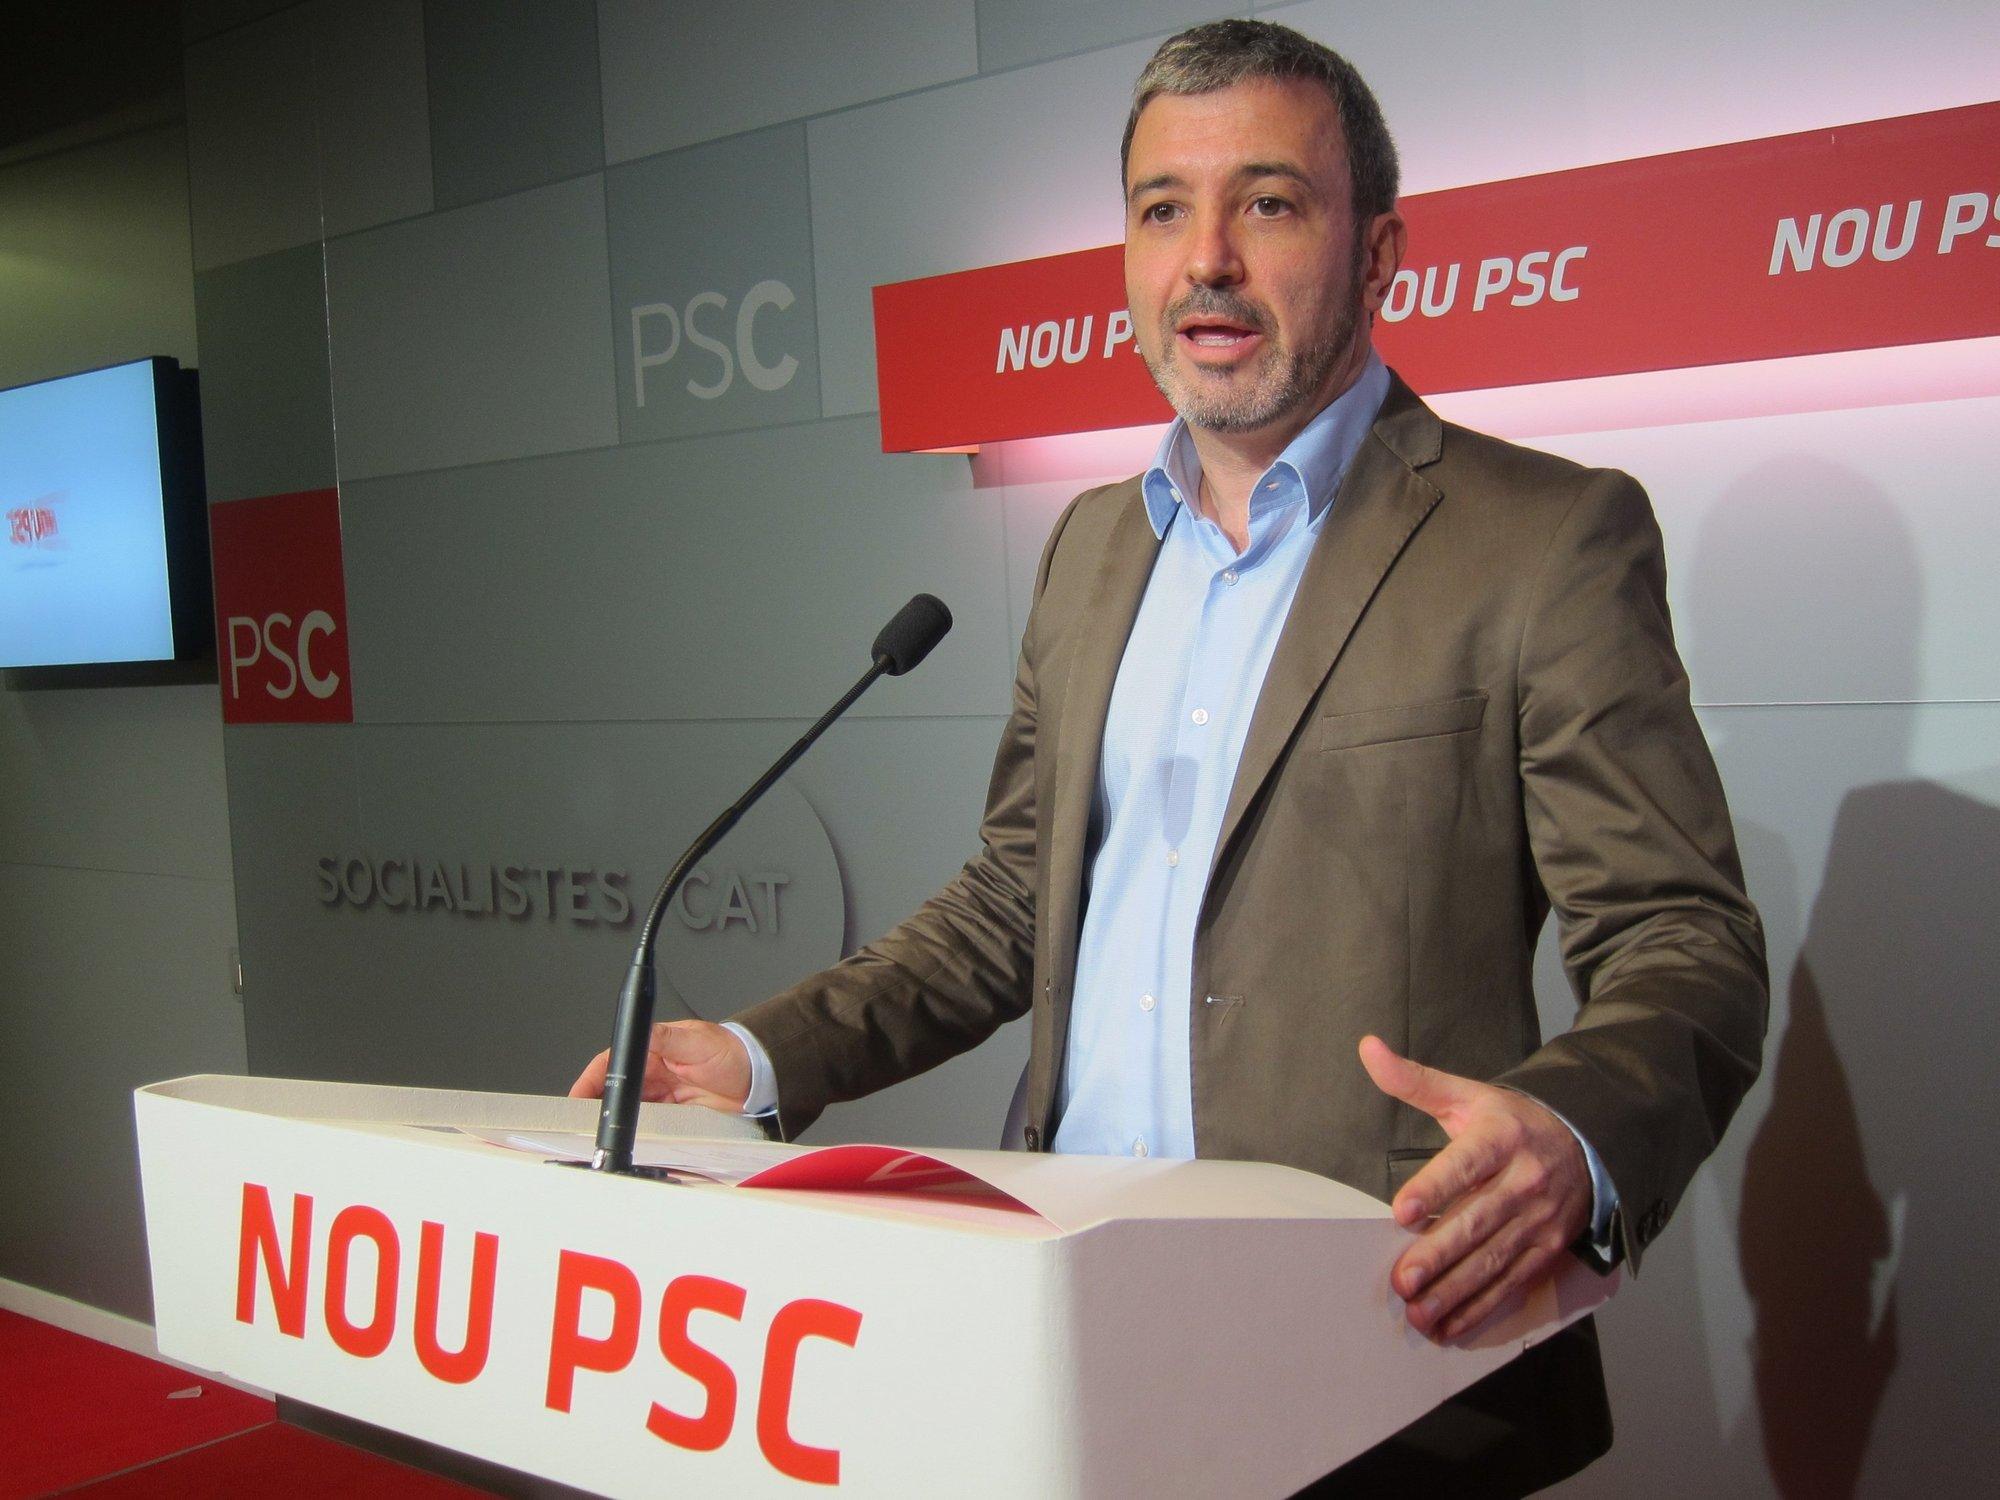 El PSC llevará a Mas-Colell ante el pleno por las cuentas cerradas «en falso»